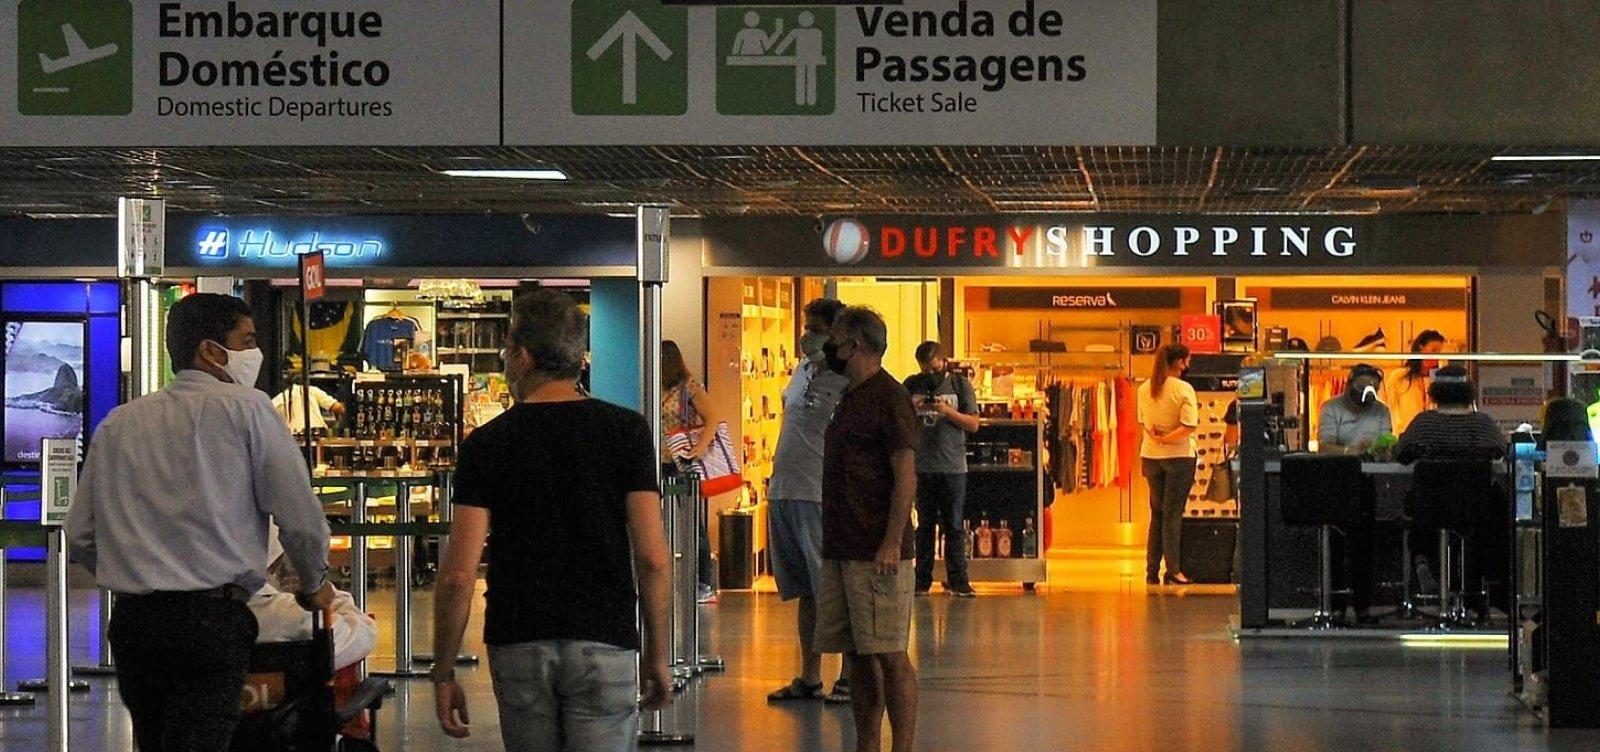 Com receio de variante da covid, França suspende voos ligados ao Brasil